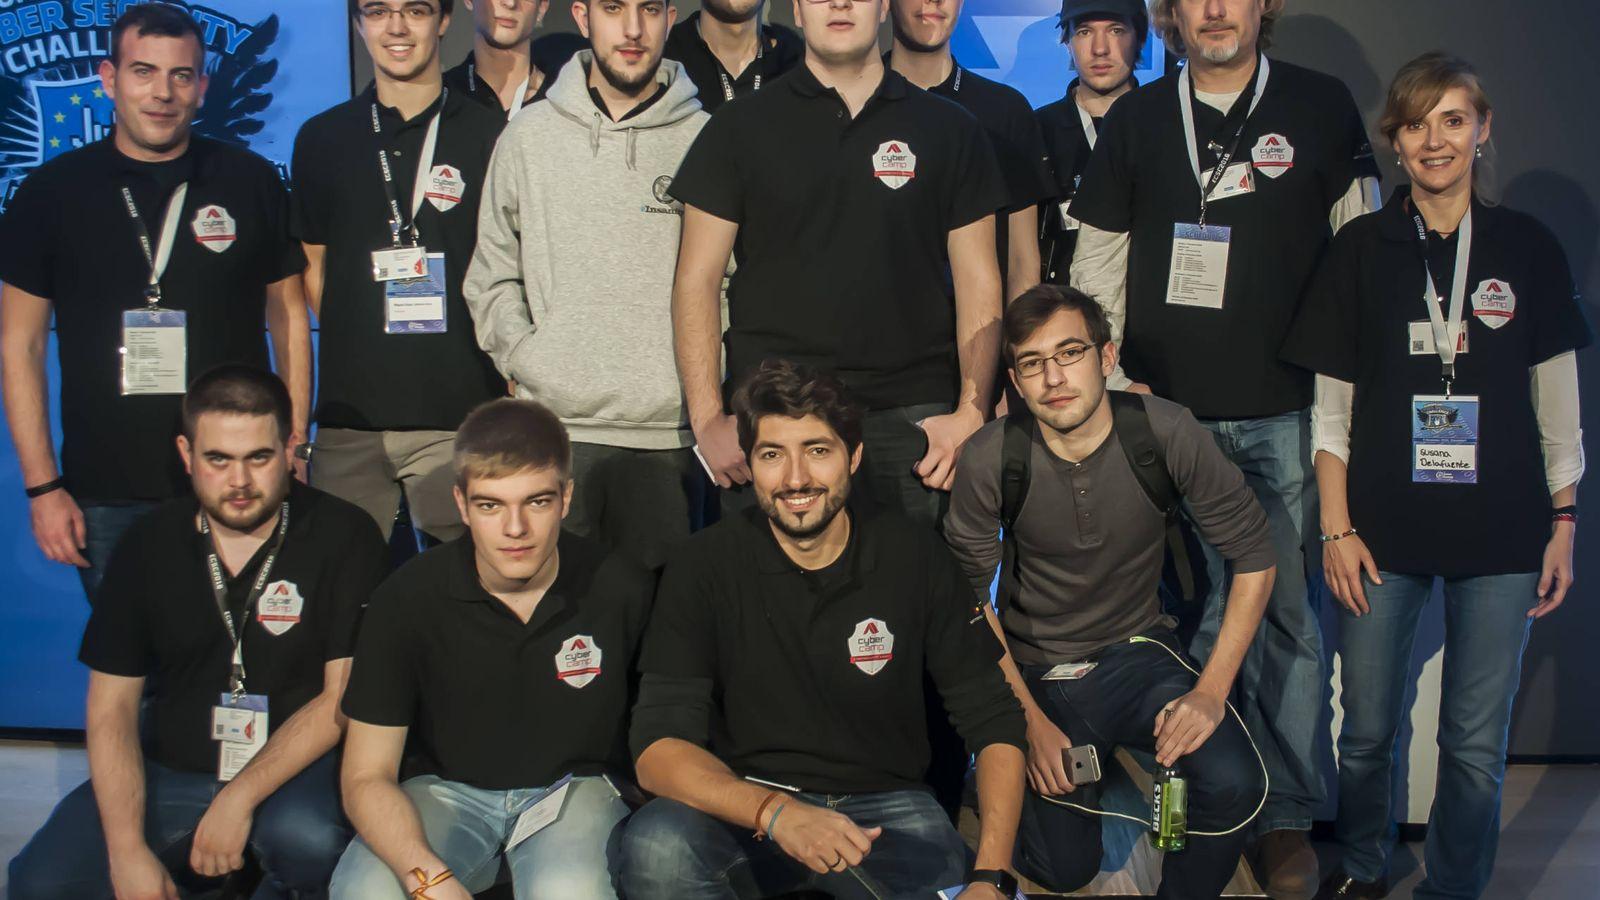 Foto: El equipo español, en Düsseldorf. | Imagen: Cedida por Incibe